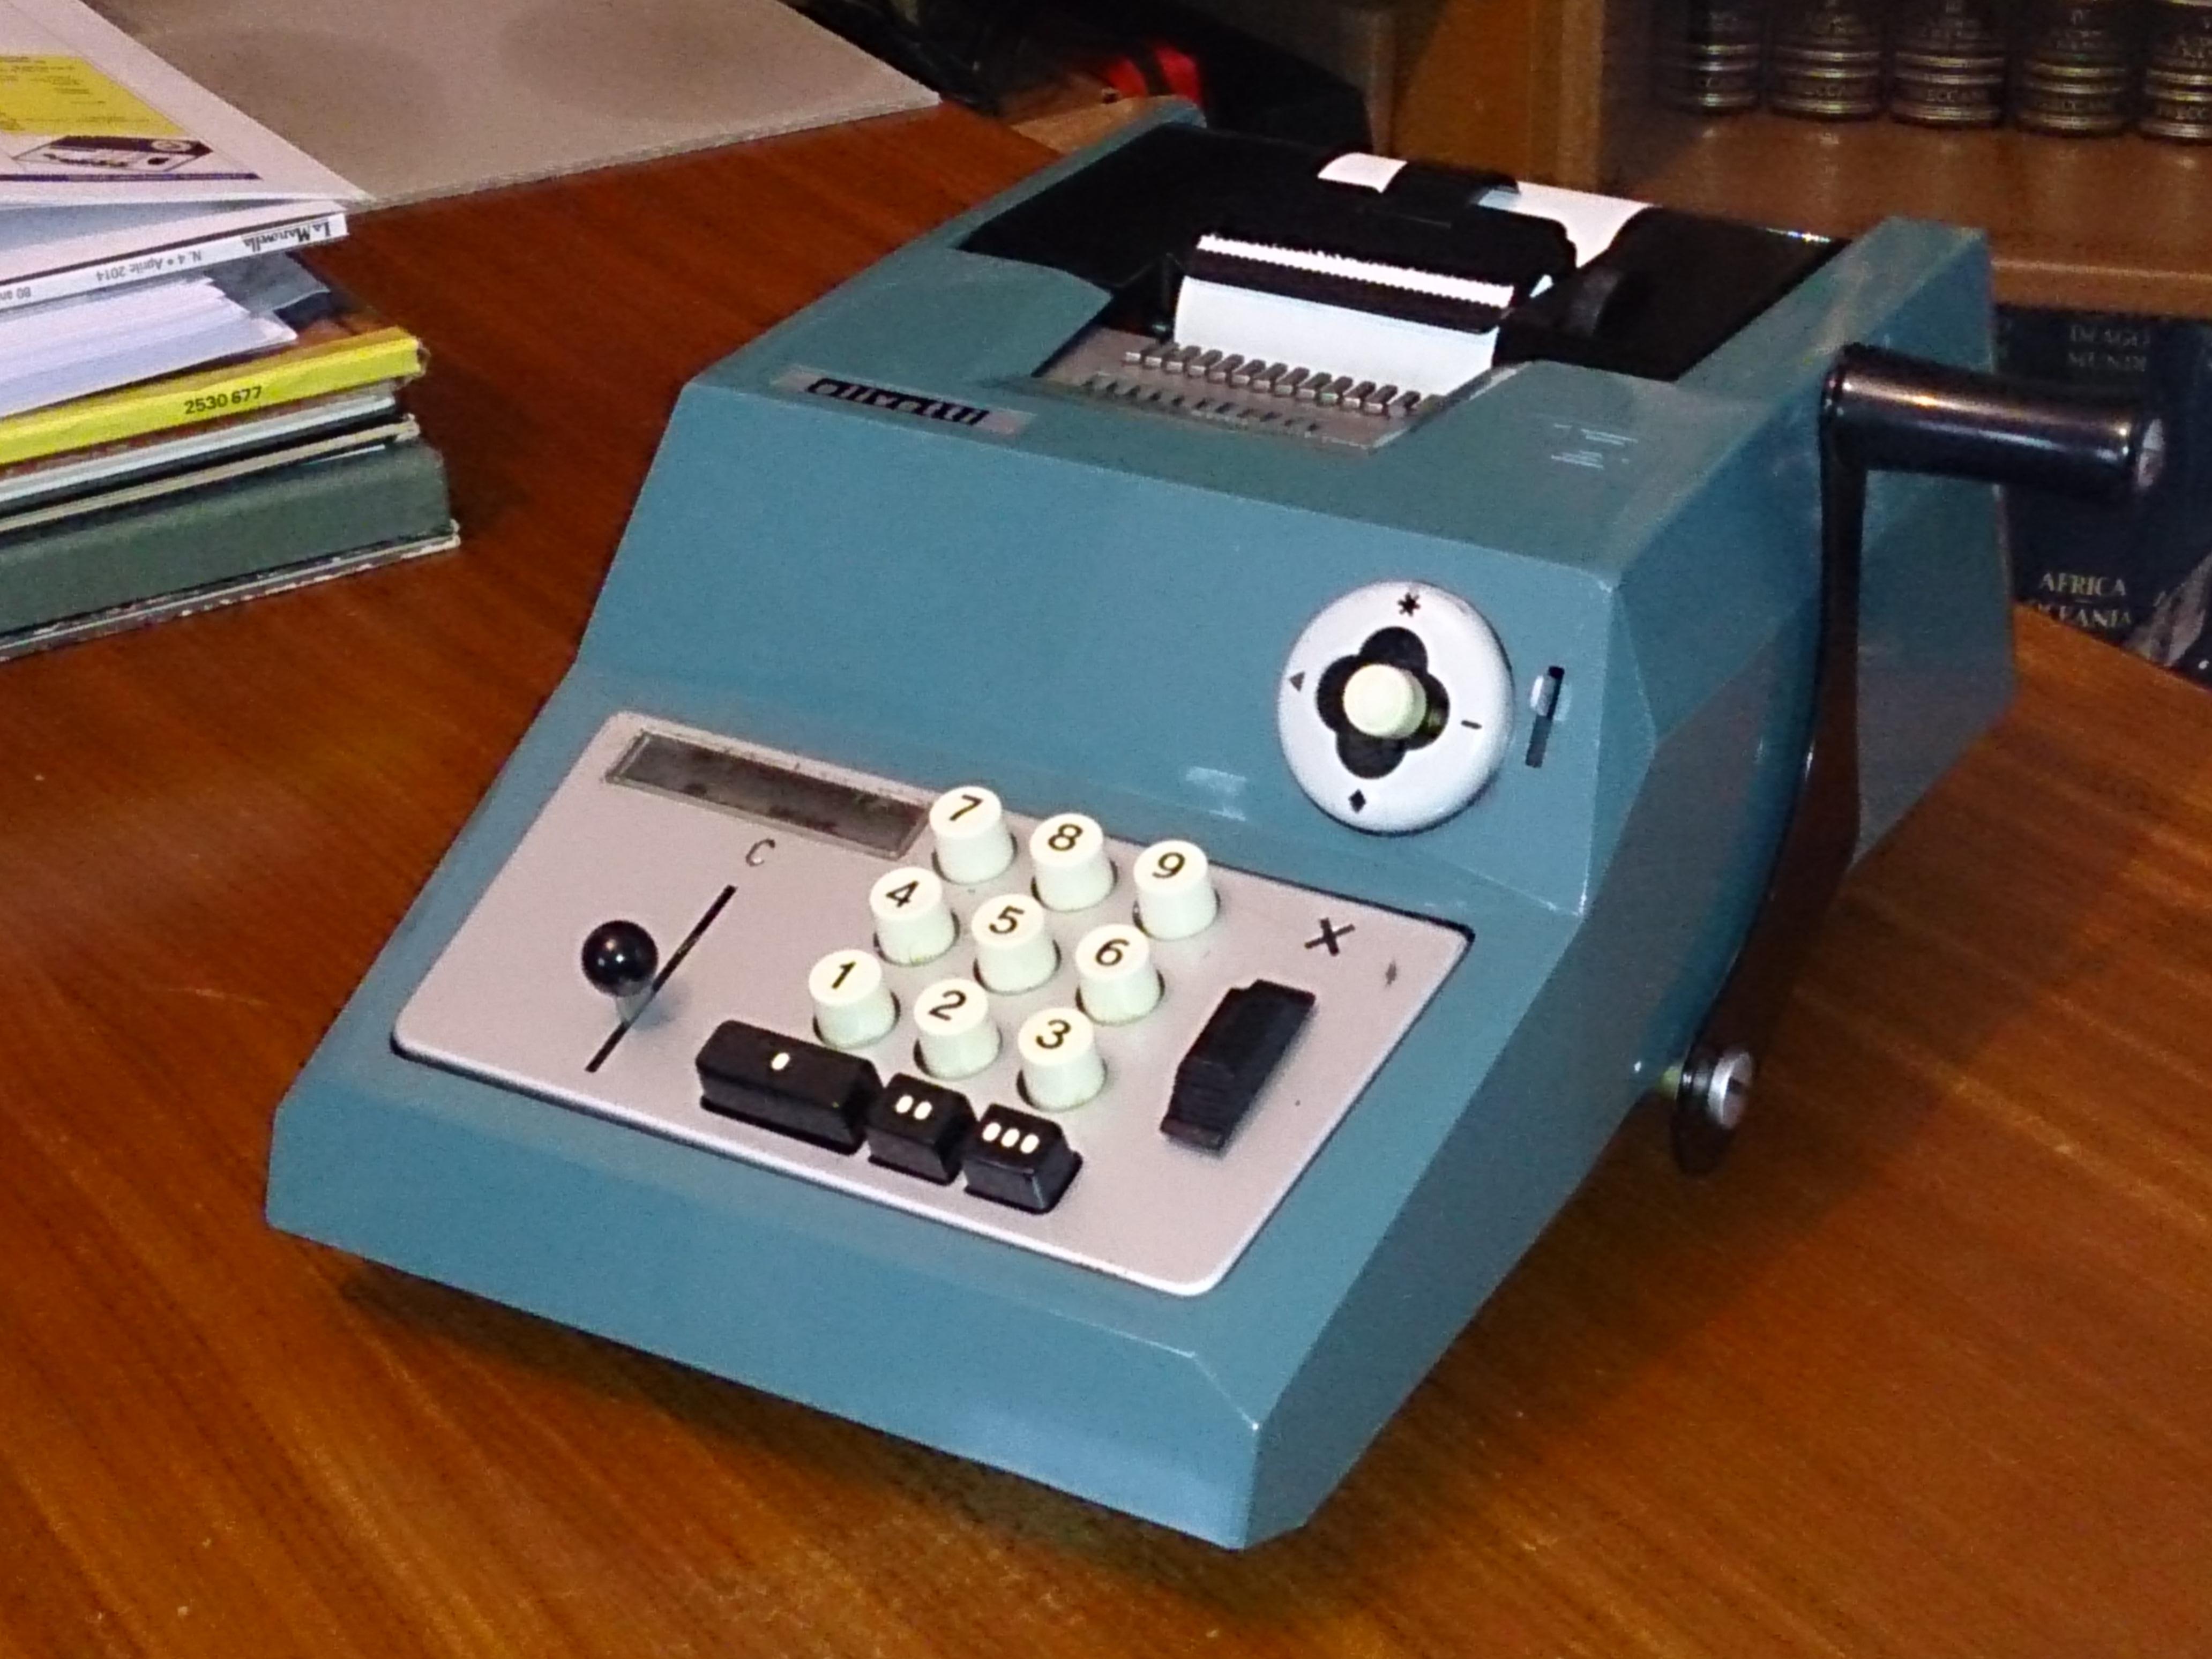 Risultato immagini per calcolatrice olivetti a manovella